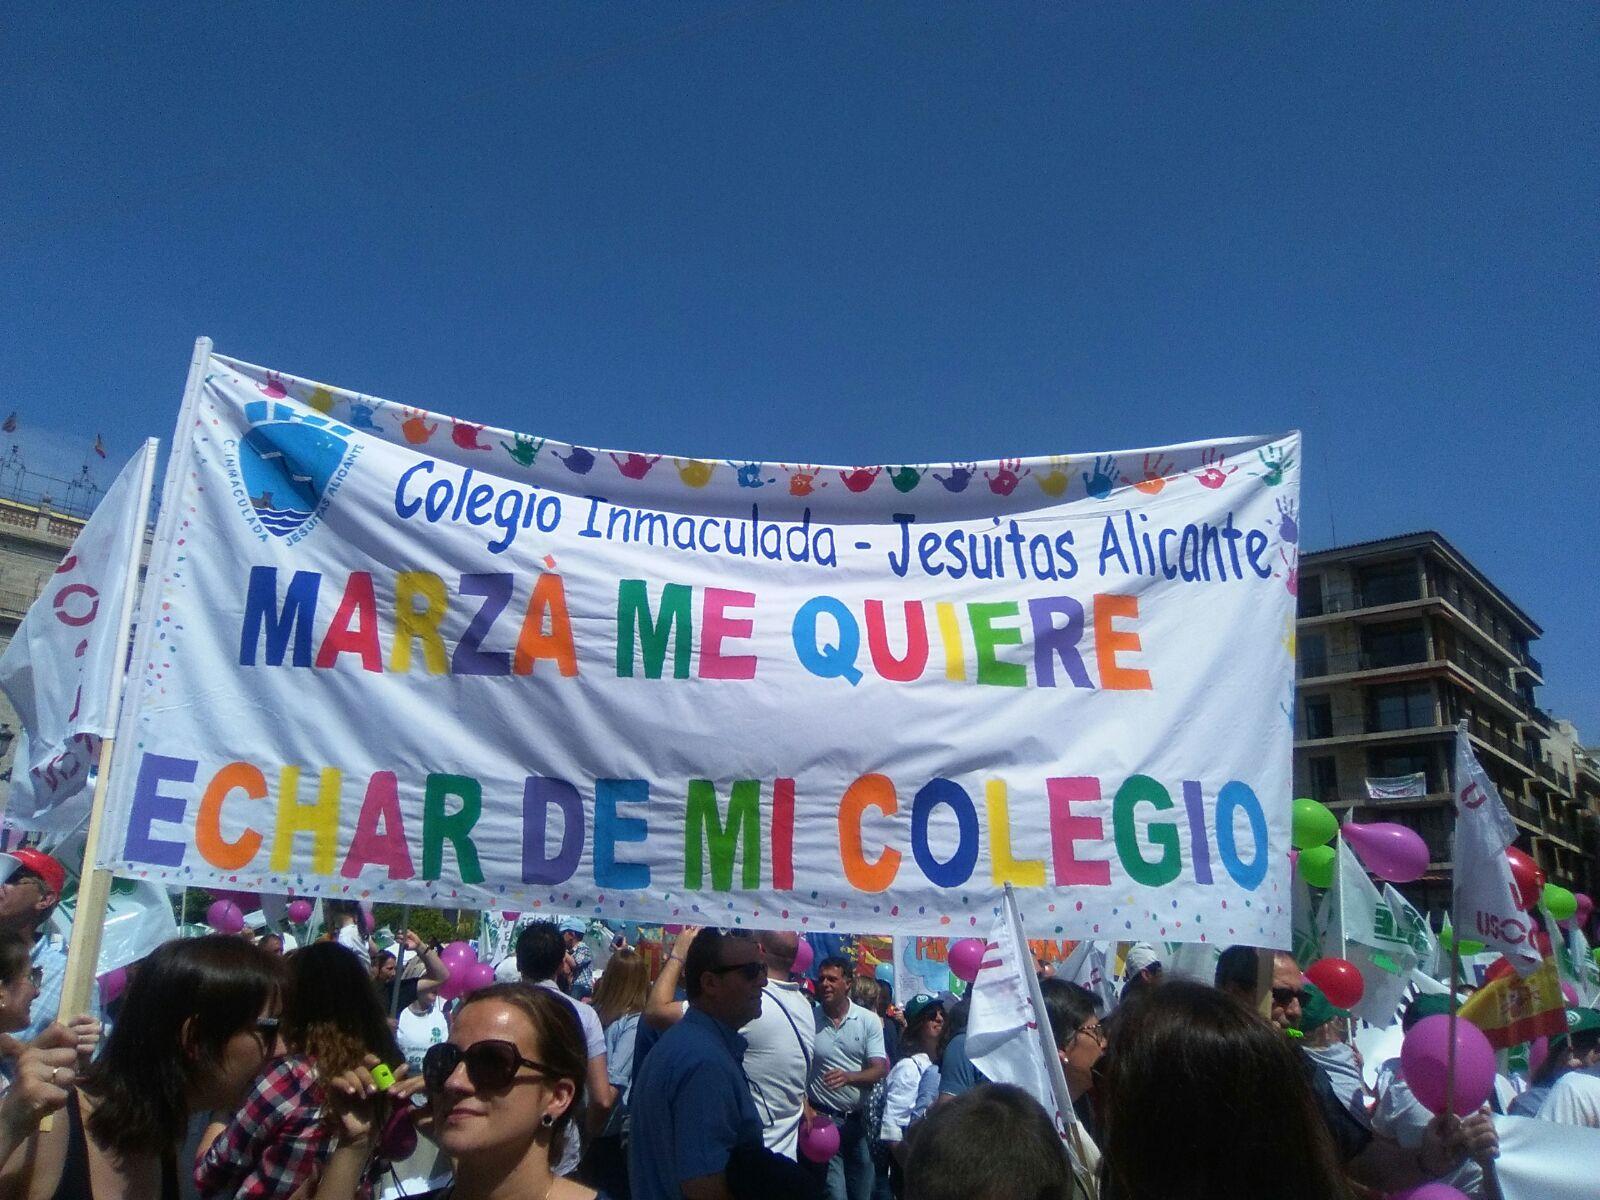 La defensa de la enseñanza concertada, también en Valencia